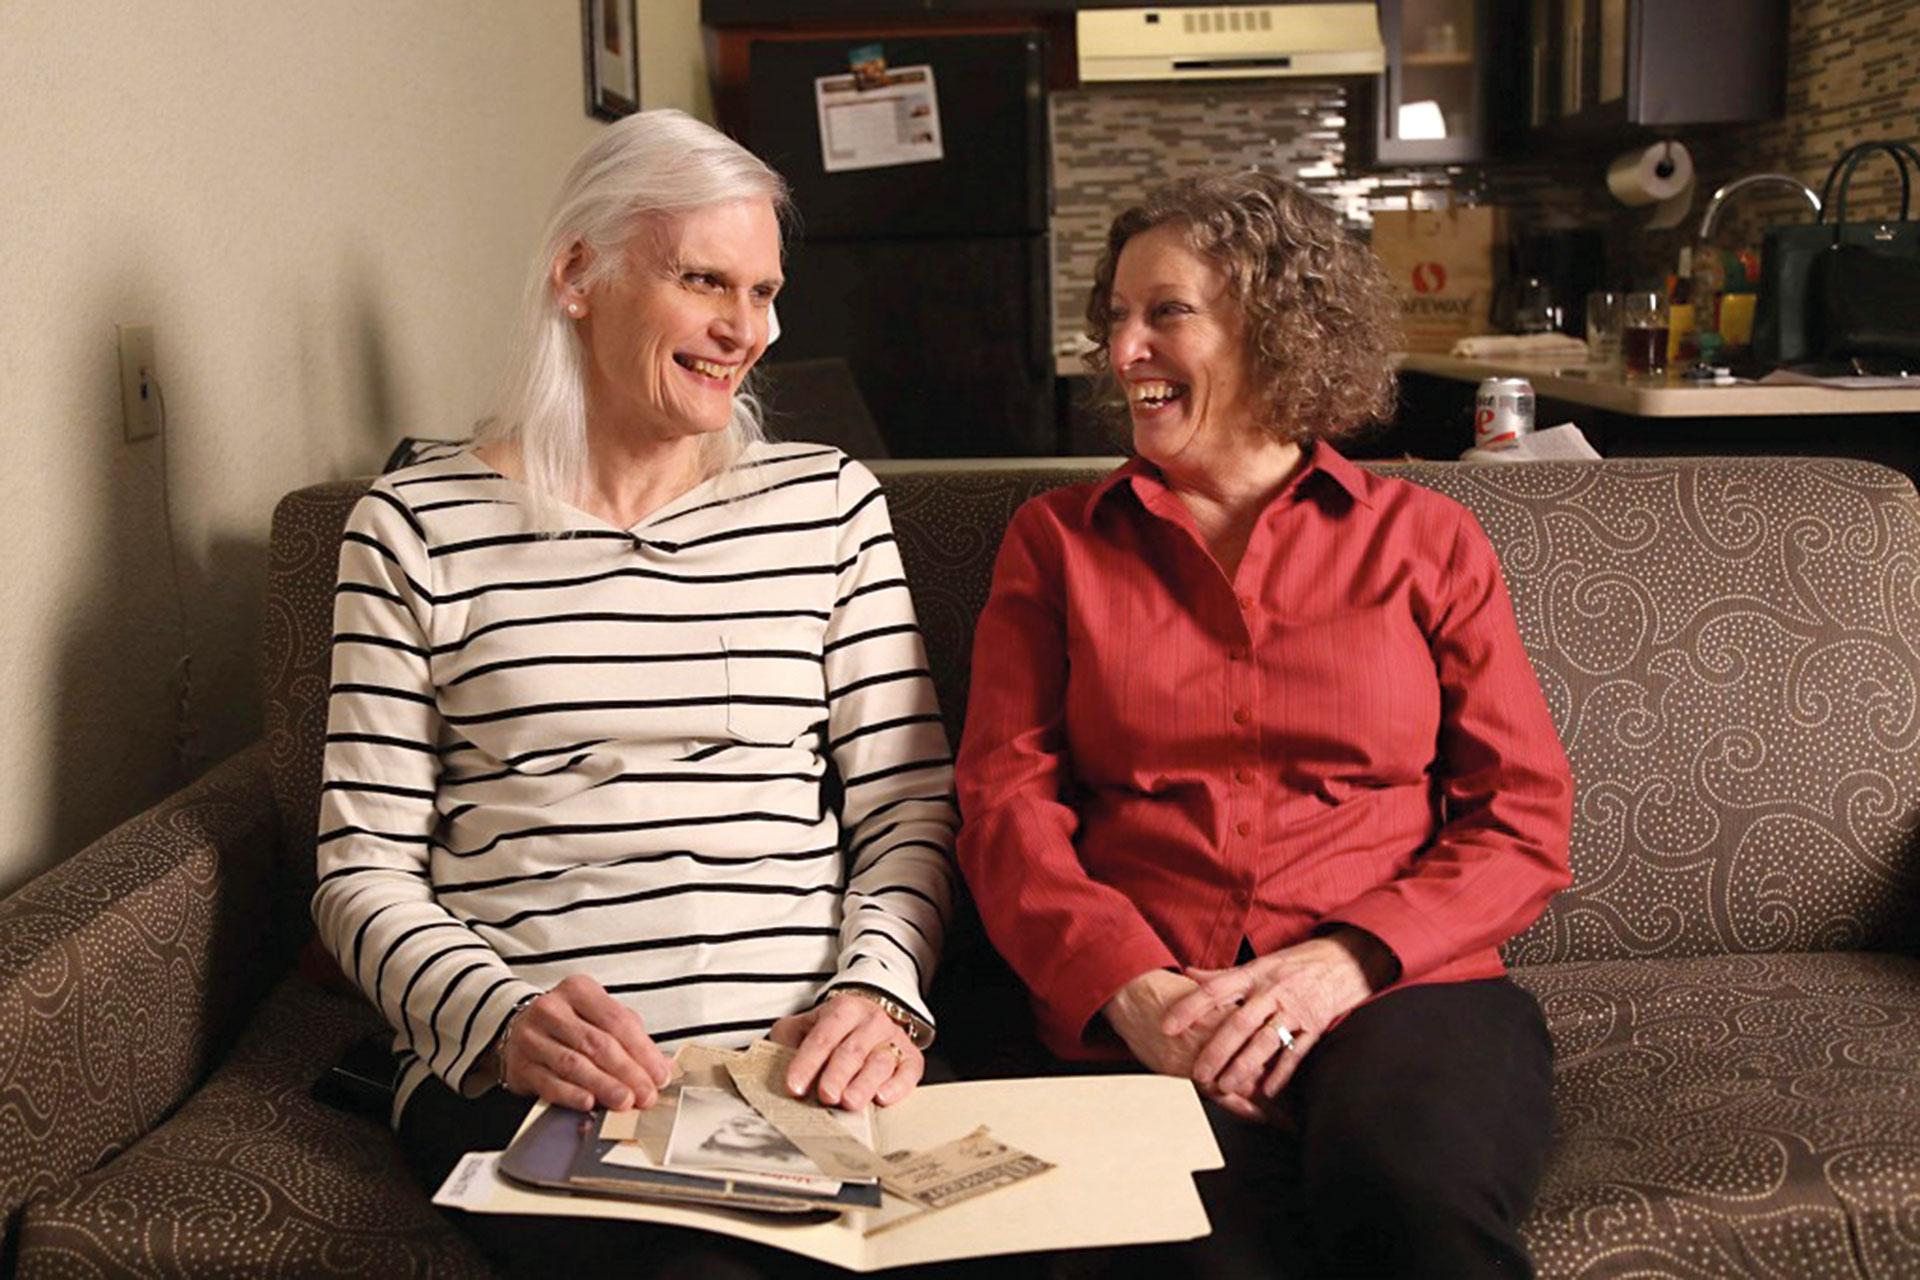 Después de 44 años de matrimonio, Linda aceptó que su marido, Bill, se transformara en una mujer.